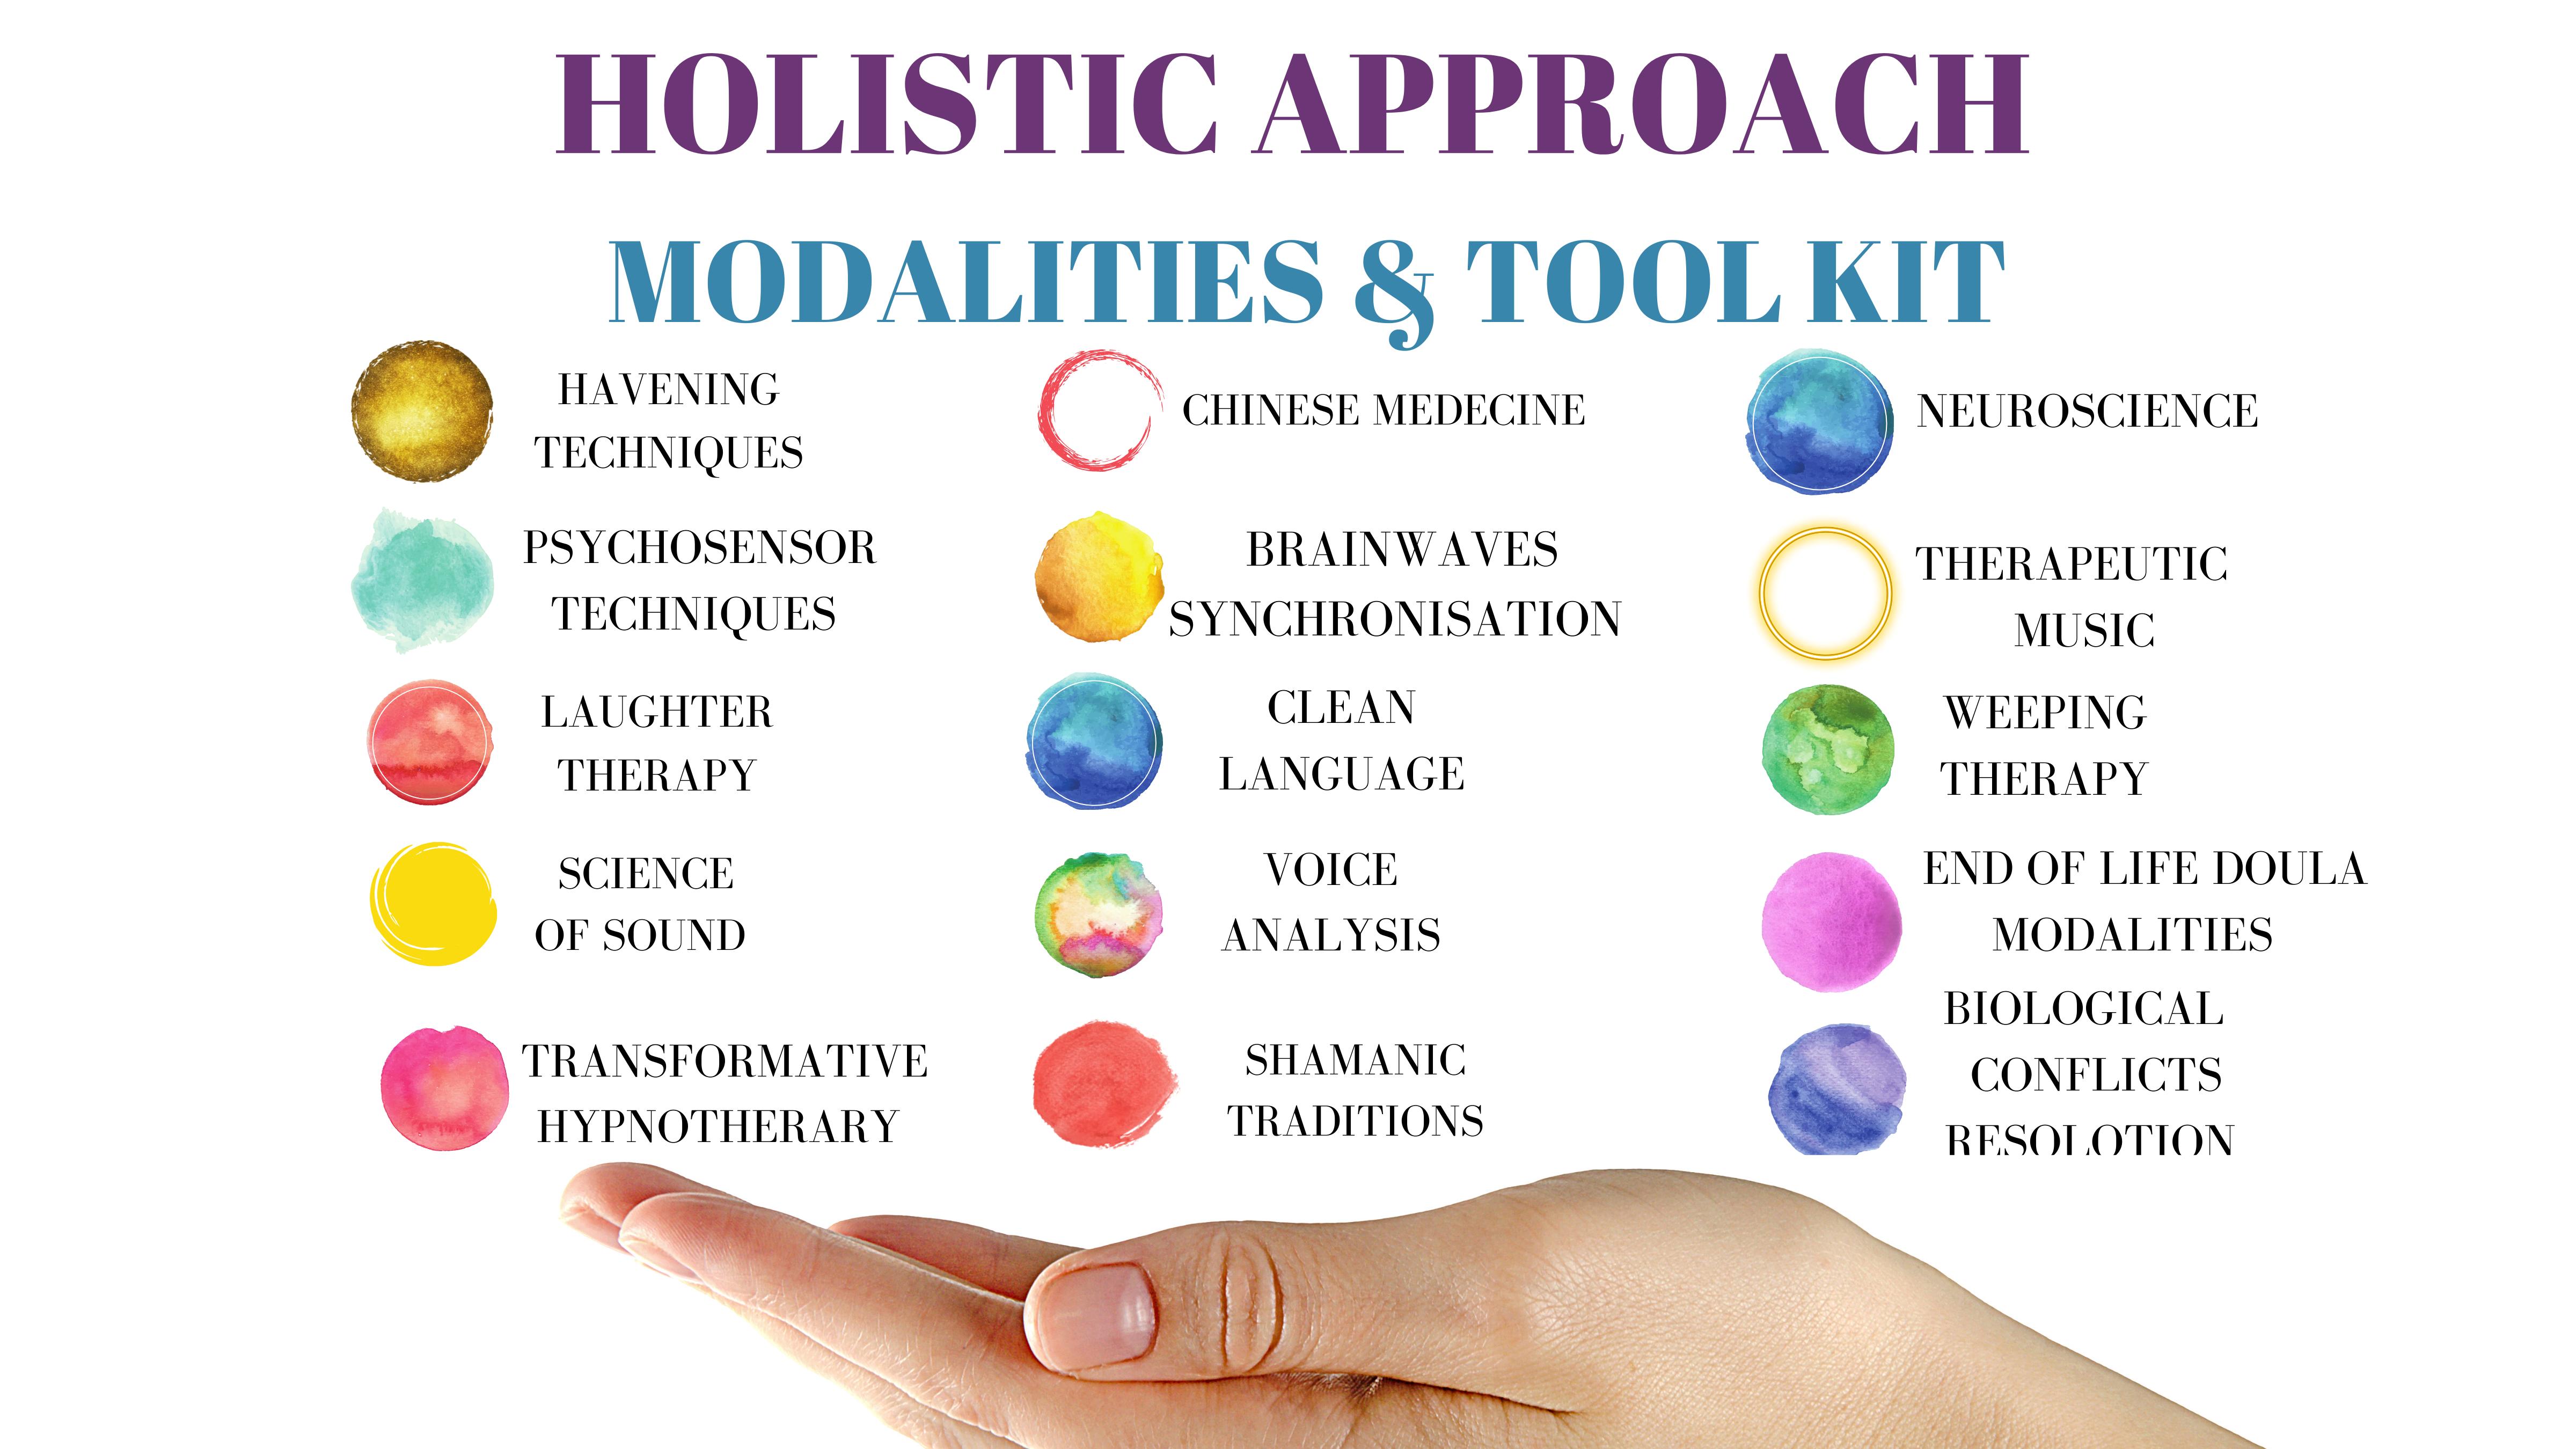 modalities-